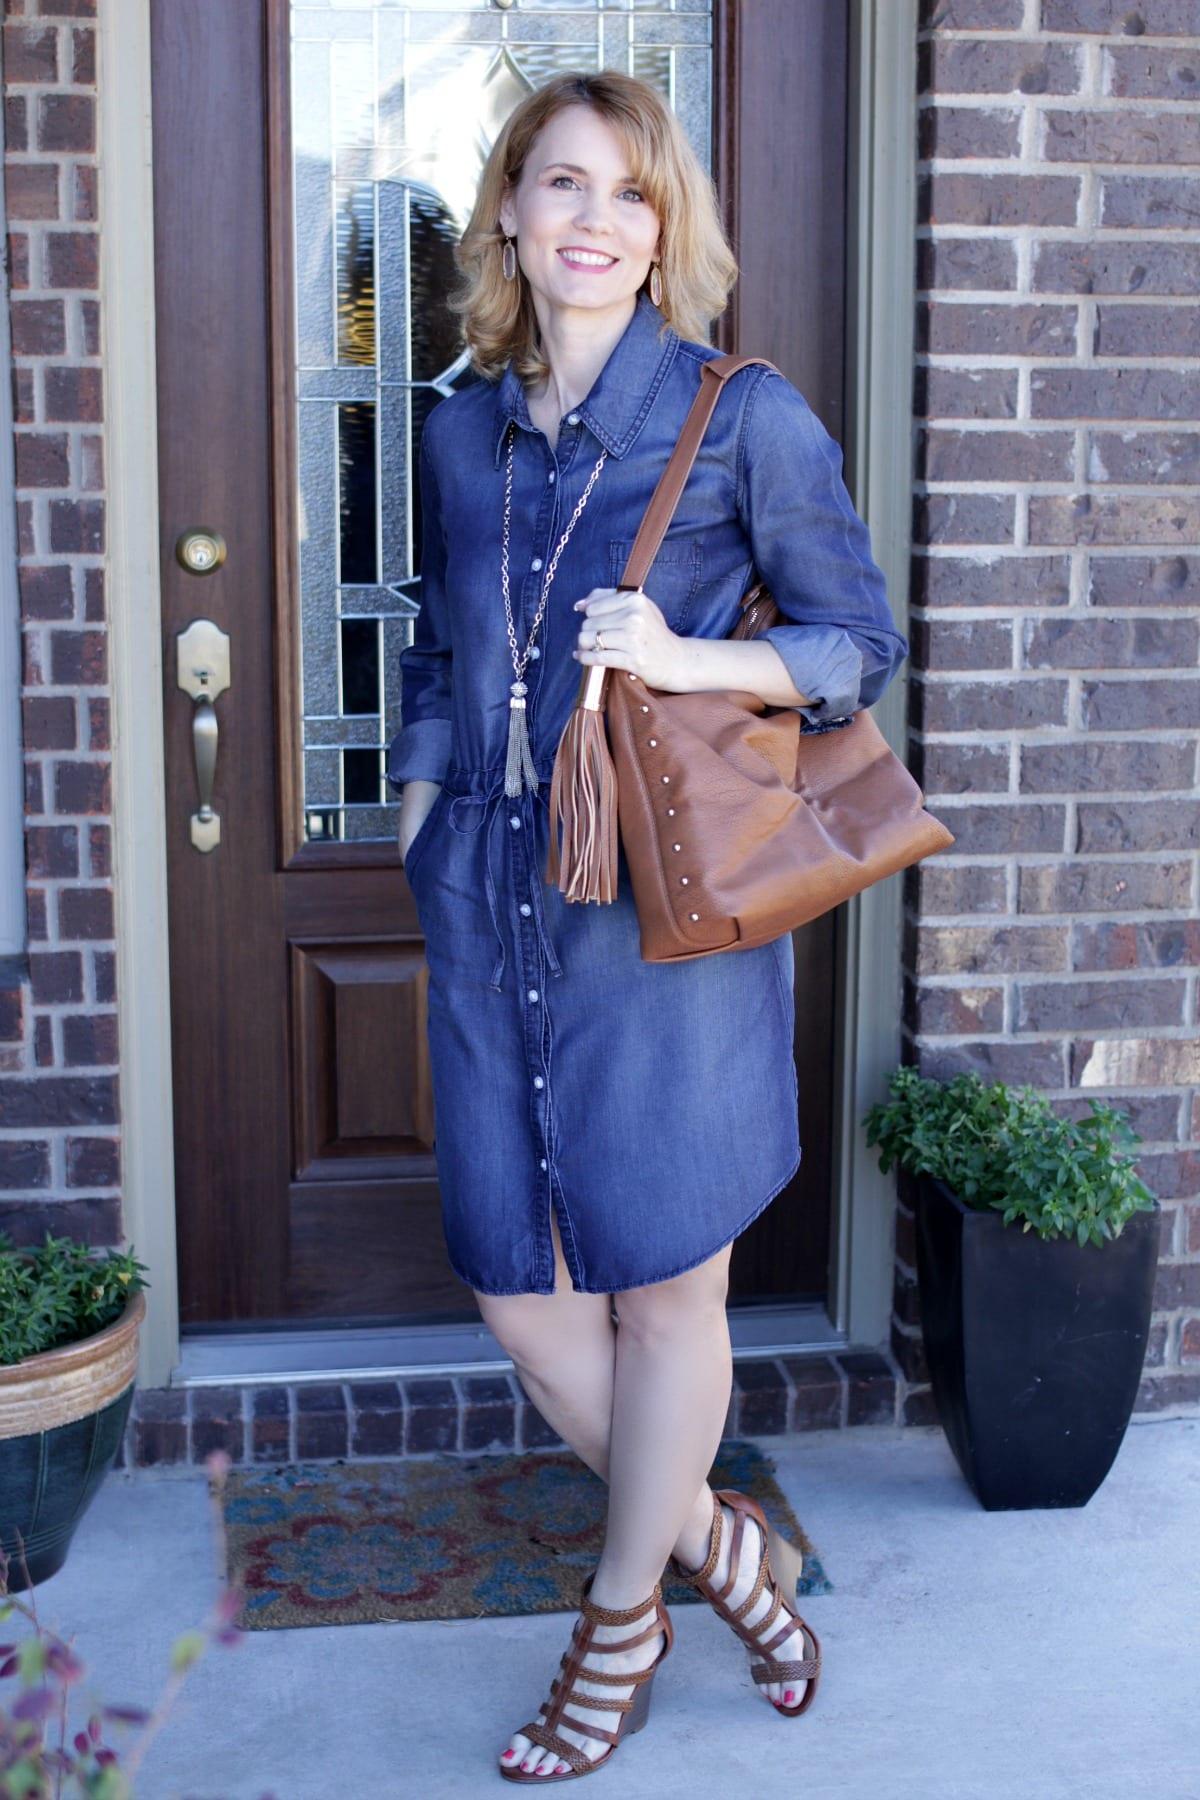 one denim dress three ways to wear it fabulous